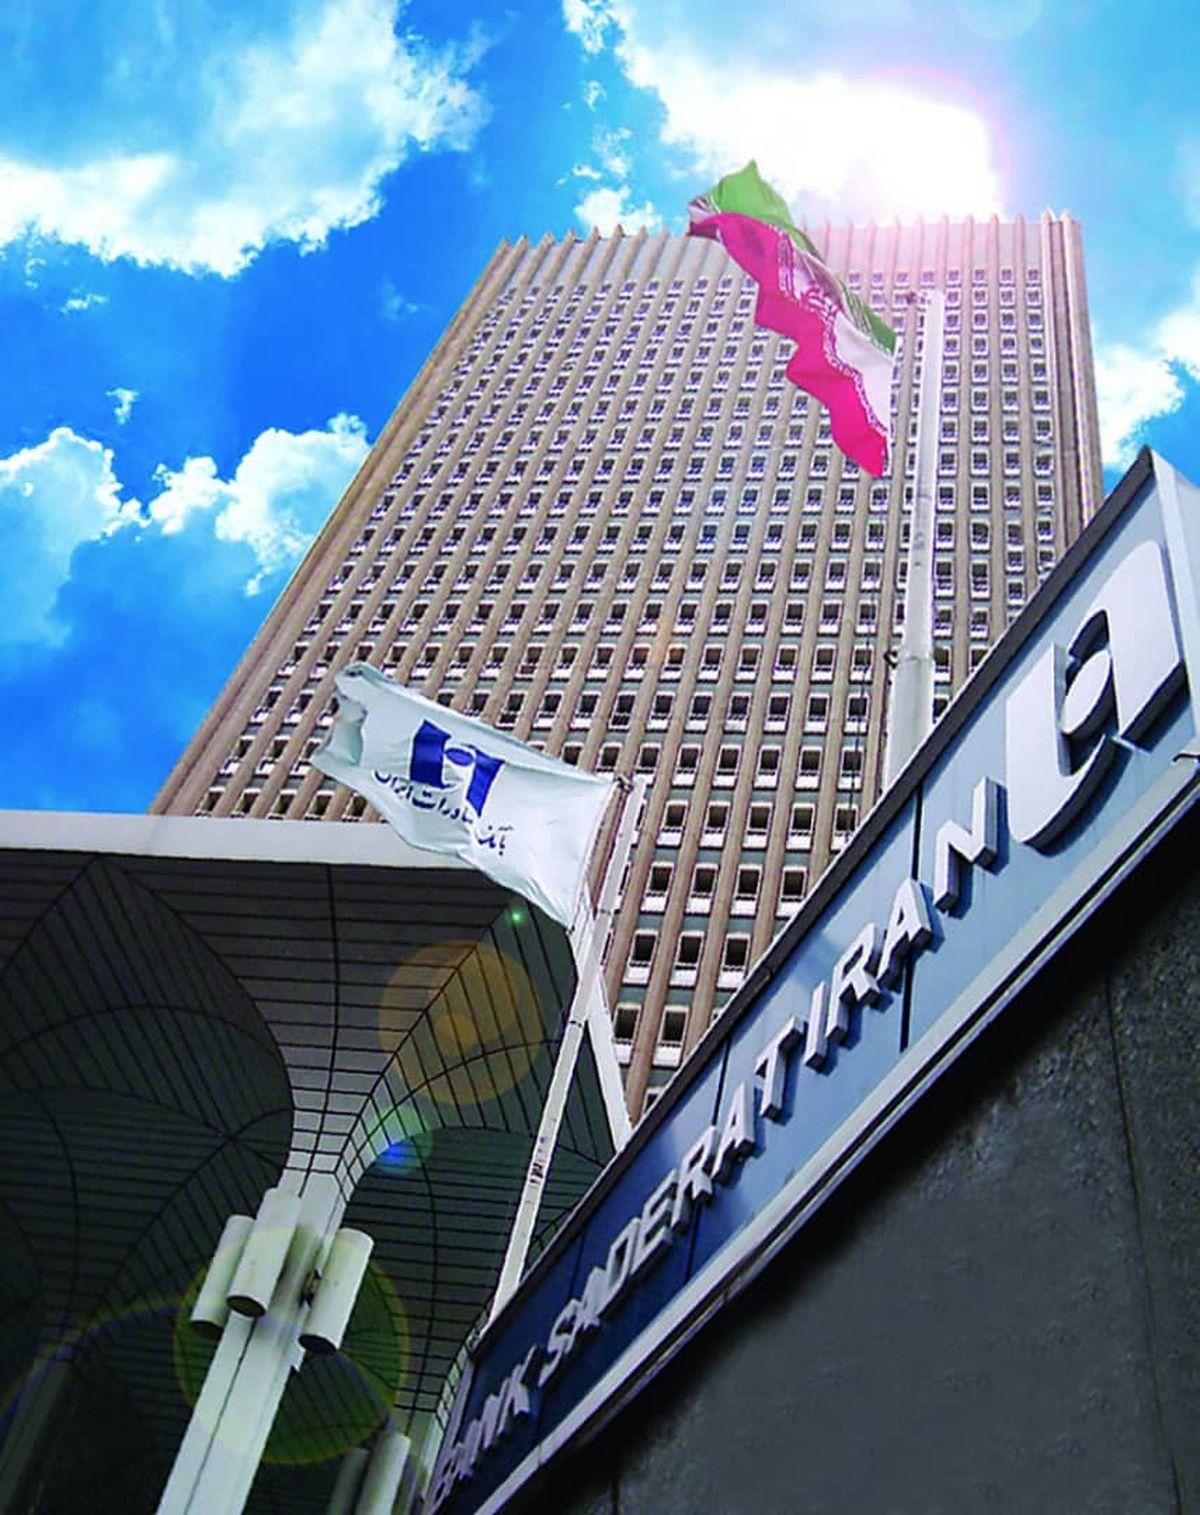 بانک صادرات  اظهارات نامزد ریاست جمهوری را تکذیب کرد